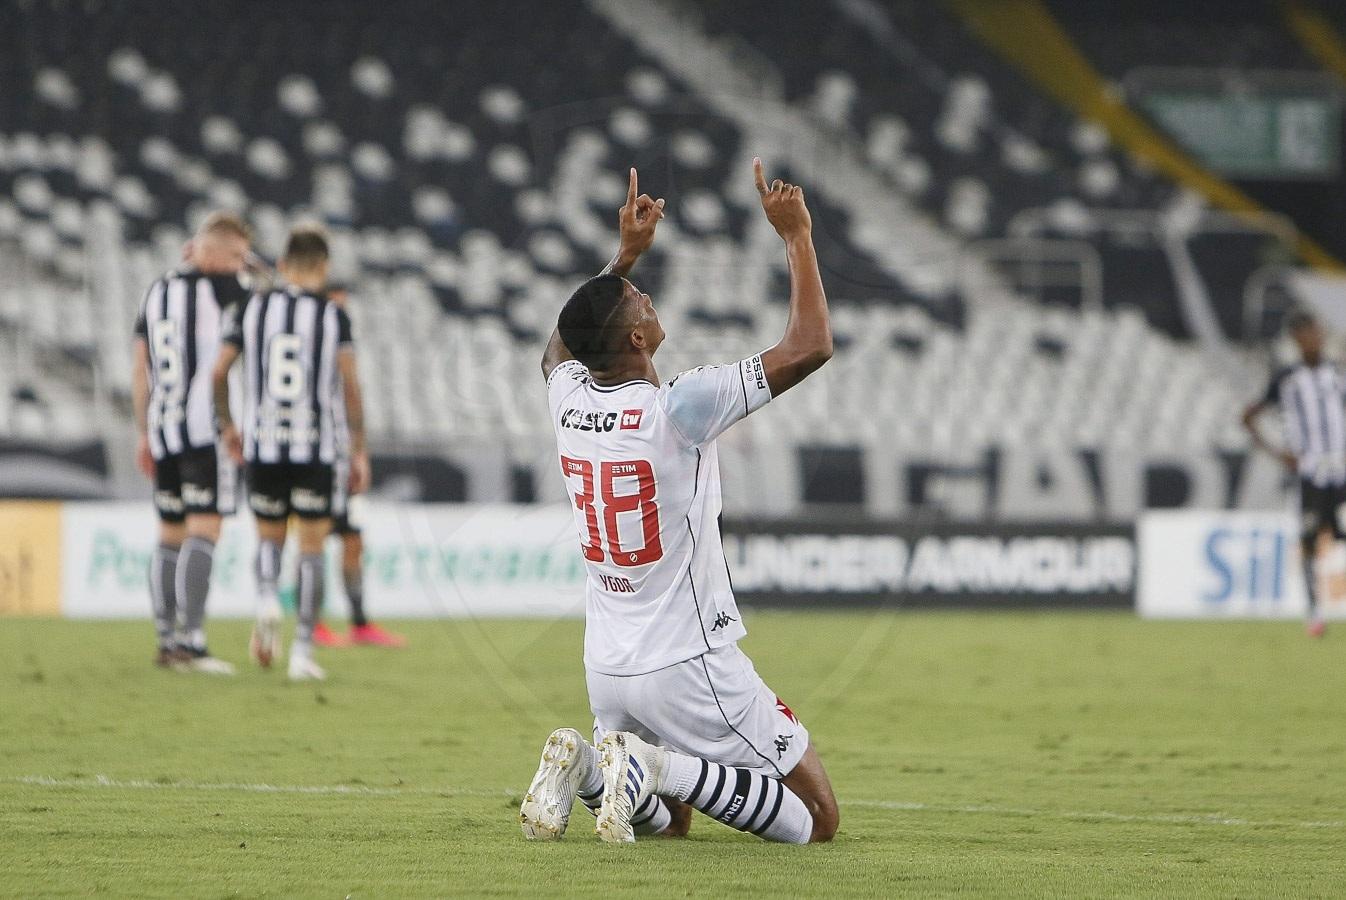 VASCO-GANHA Vasco vence o Botafogo no Nilton Santos e volta ao G4 do Brasileirão